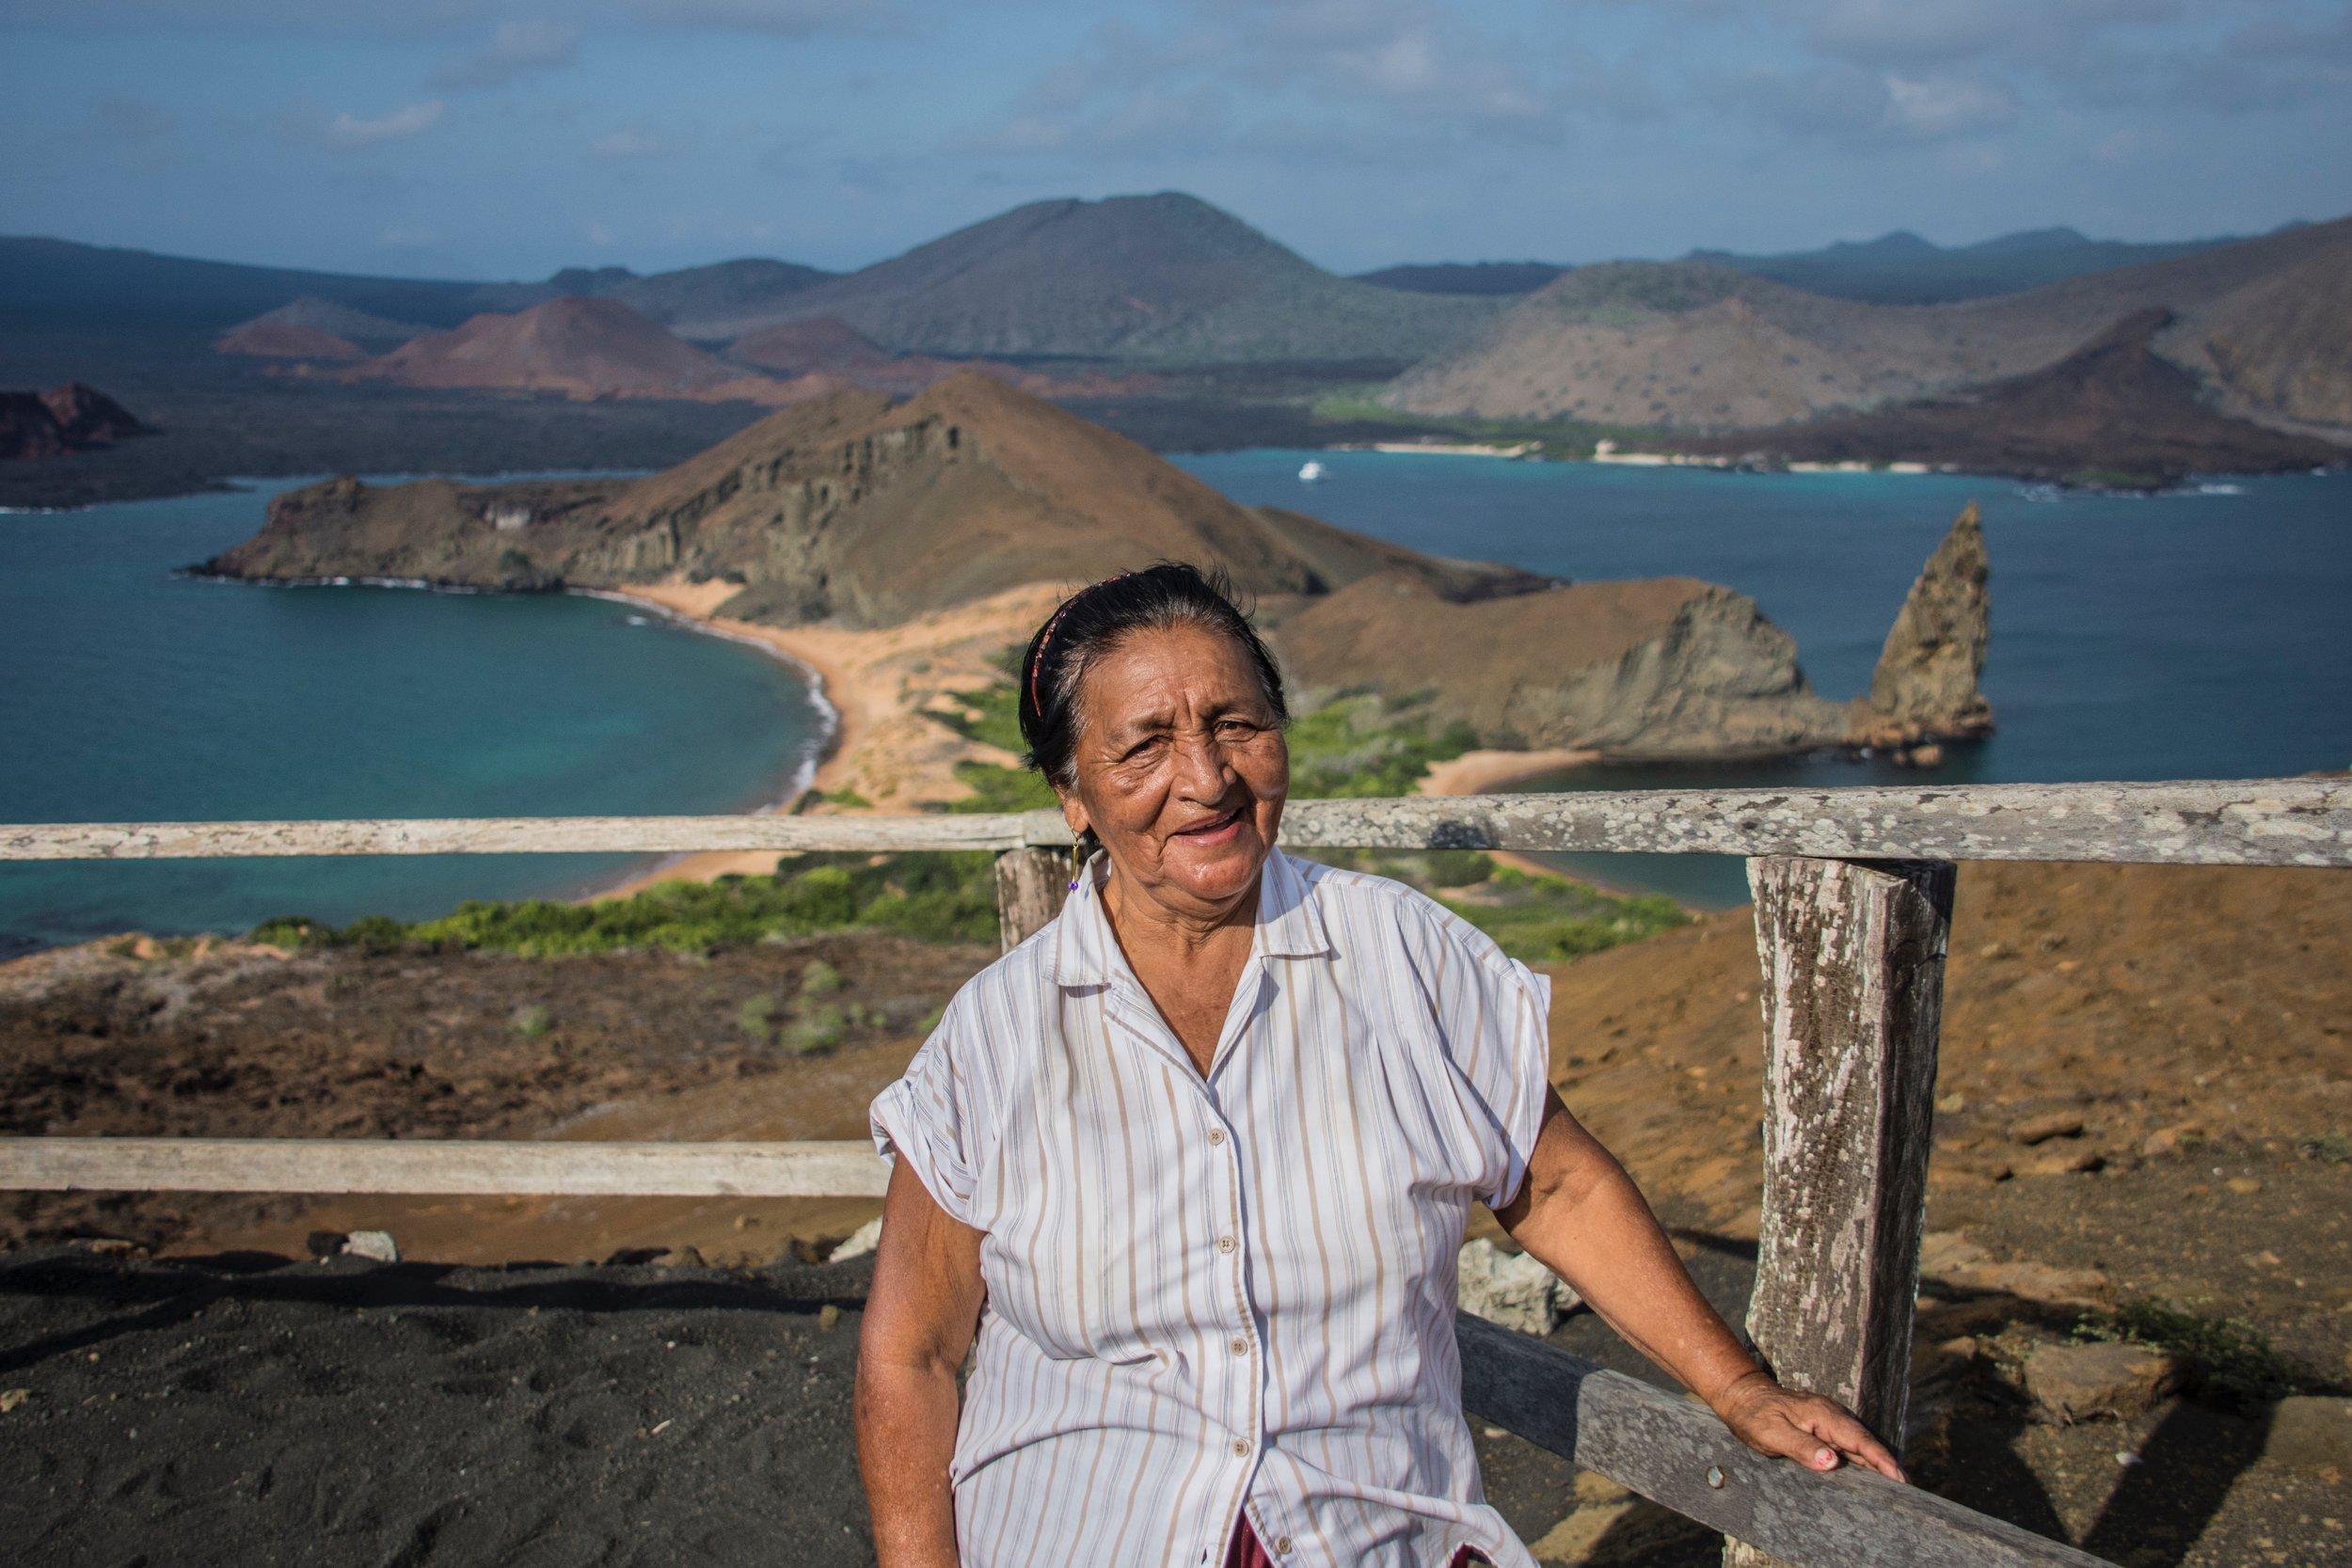 Figura 1 . Carmen Criollo, artesana galapagueña. Foto: Dennis Ballesteros, guía naturalista